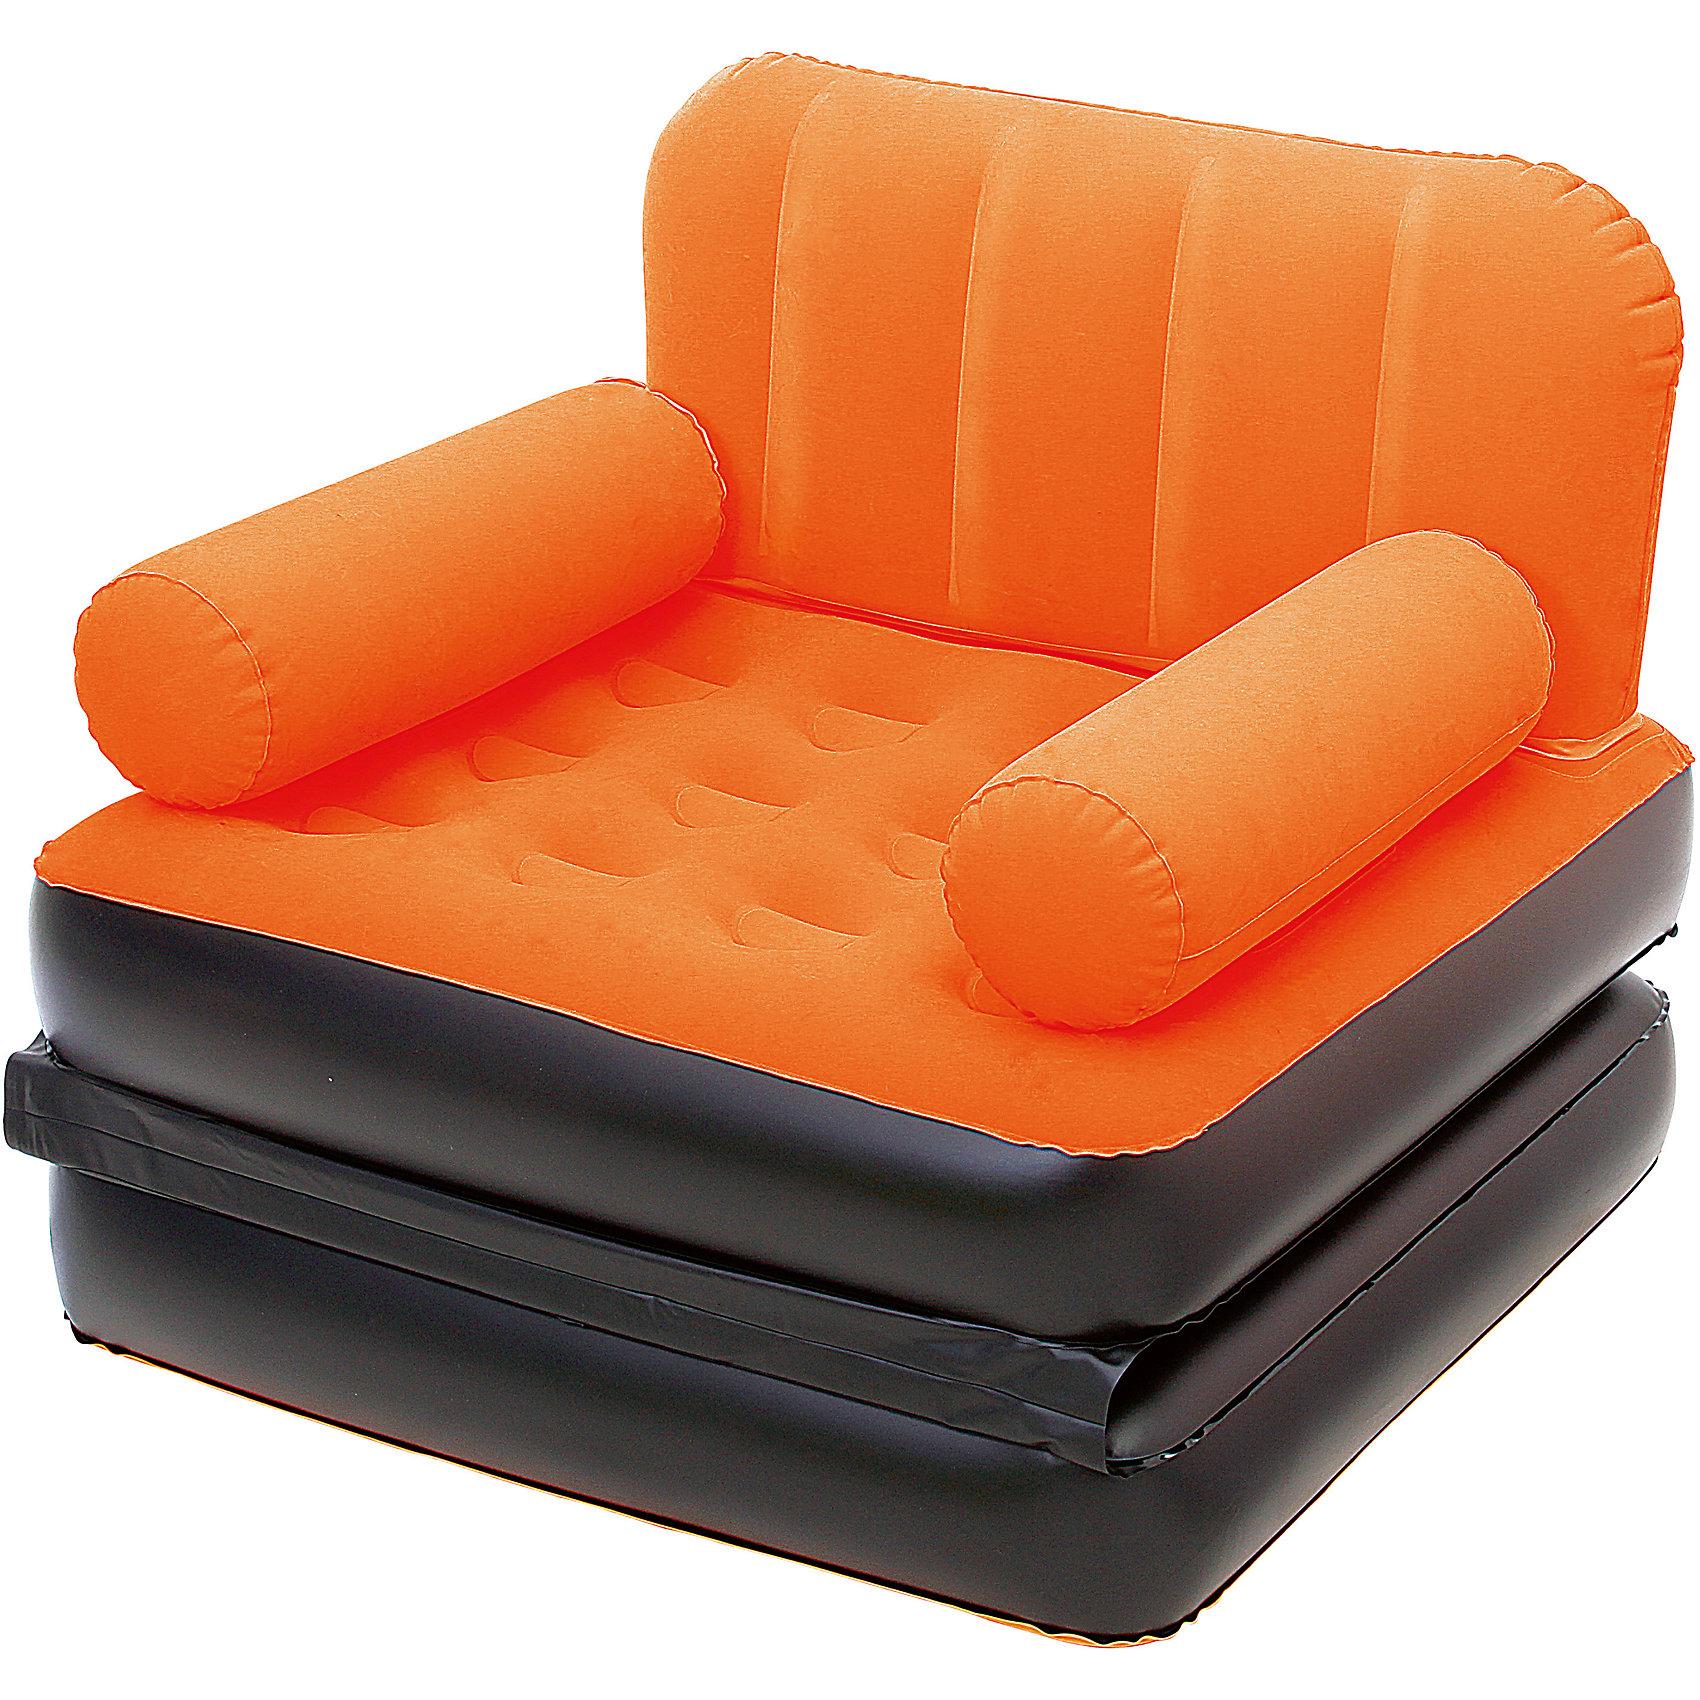 фото-сюжет интерьере надувная мебель фото чита втором